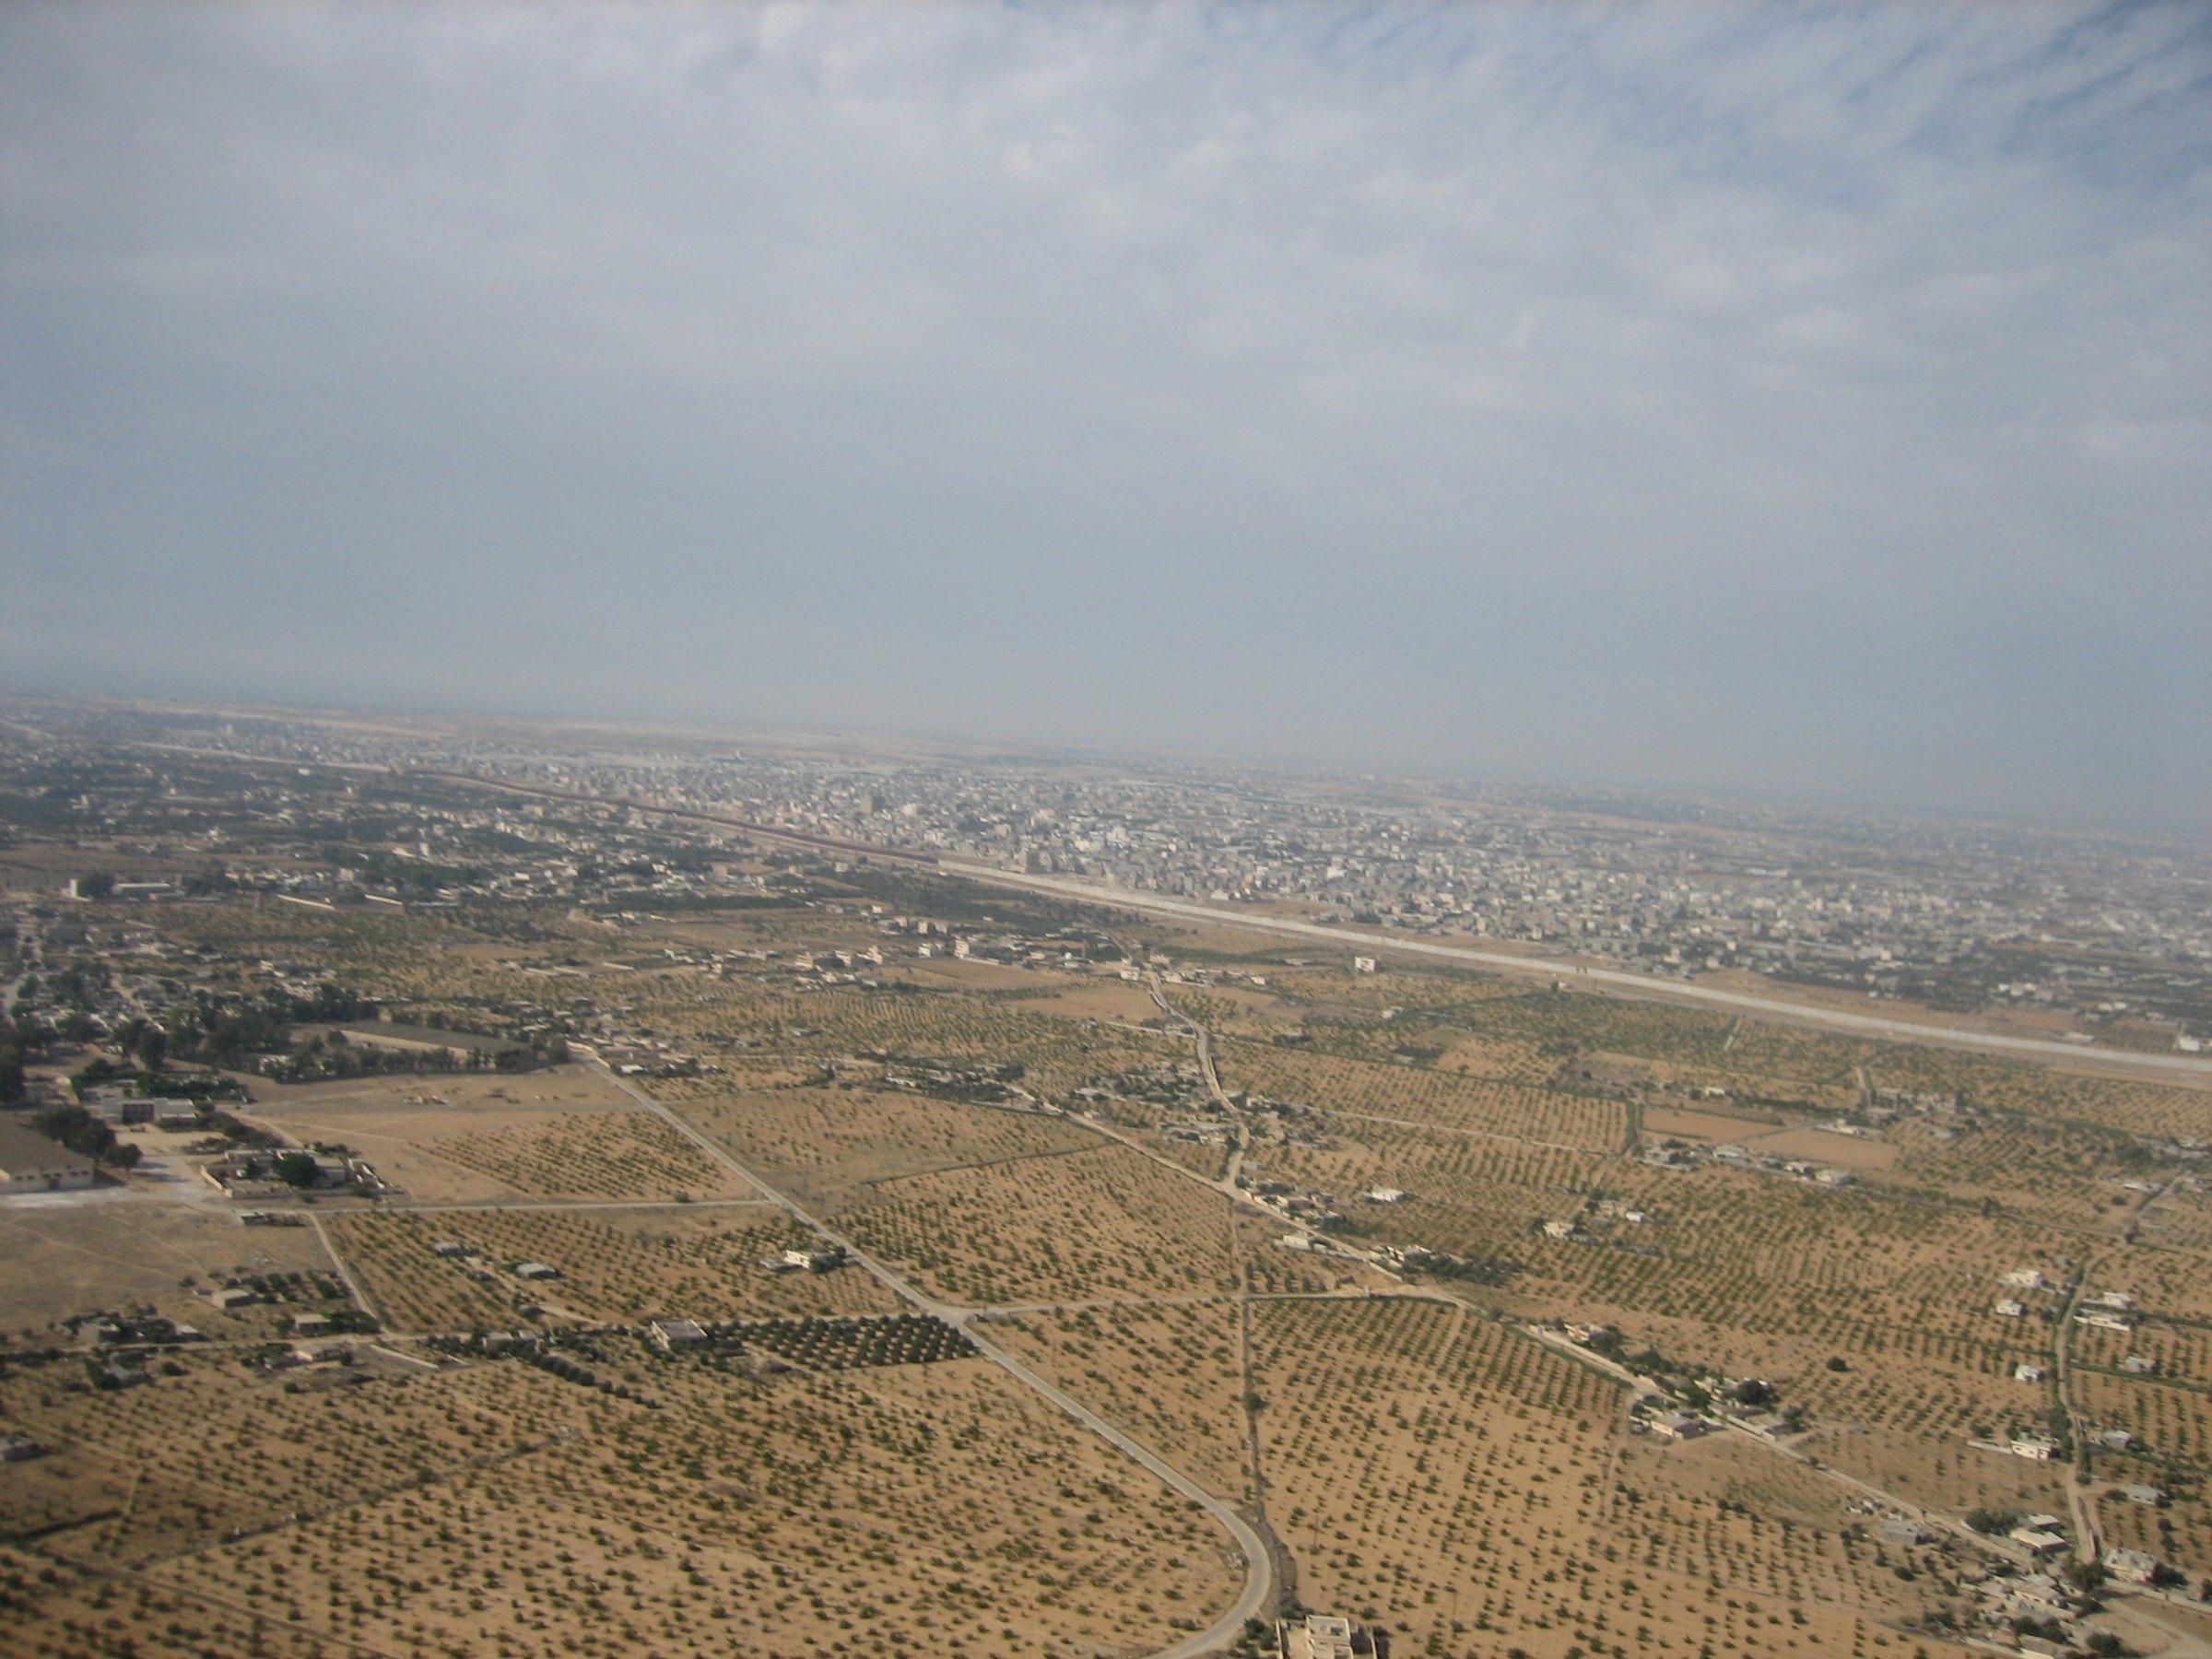 صور رائعه لغزة المحاصرة